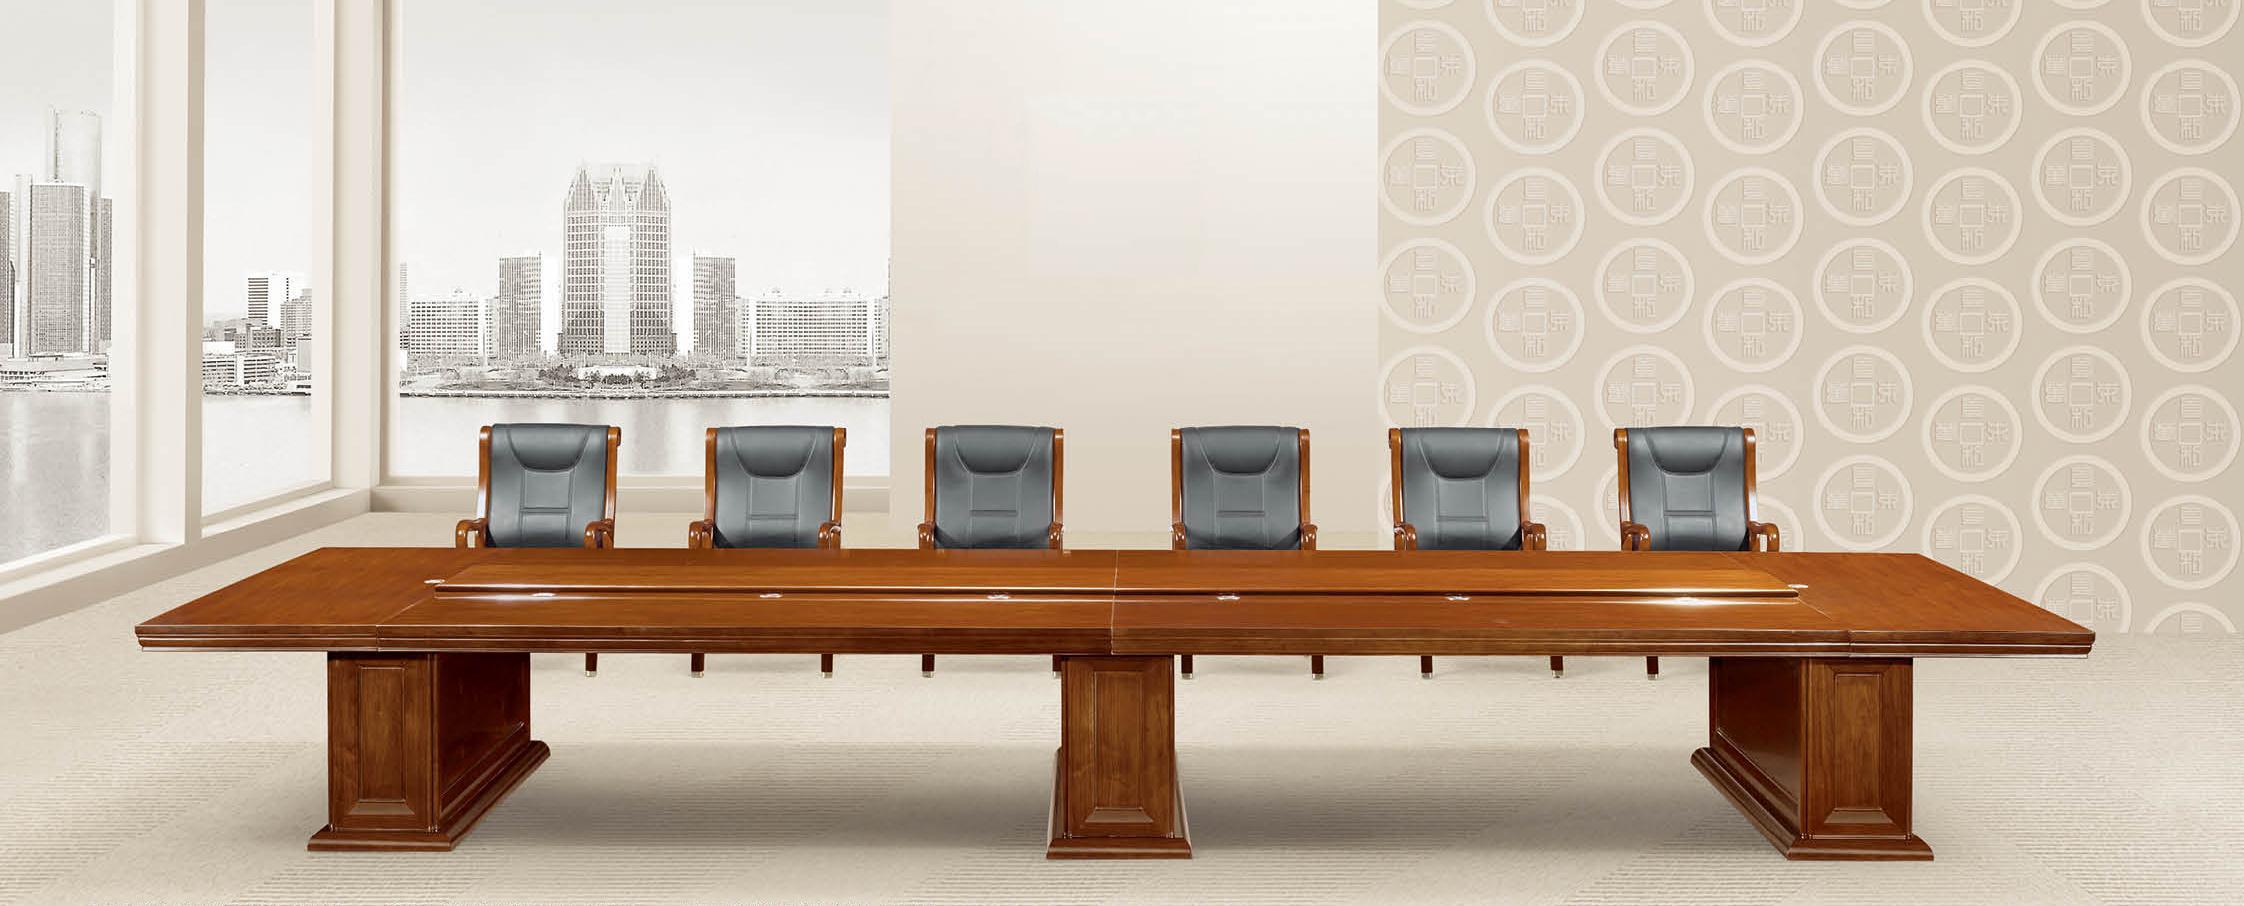 武汉会议桌|实木会议桌|07系列会议桌-武汉办公家具